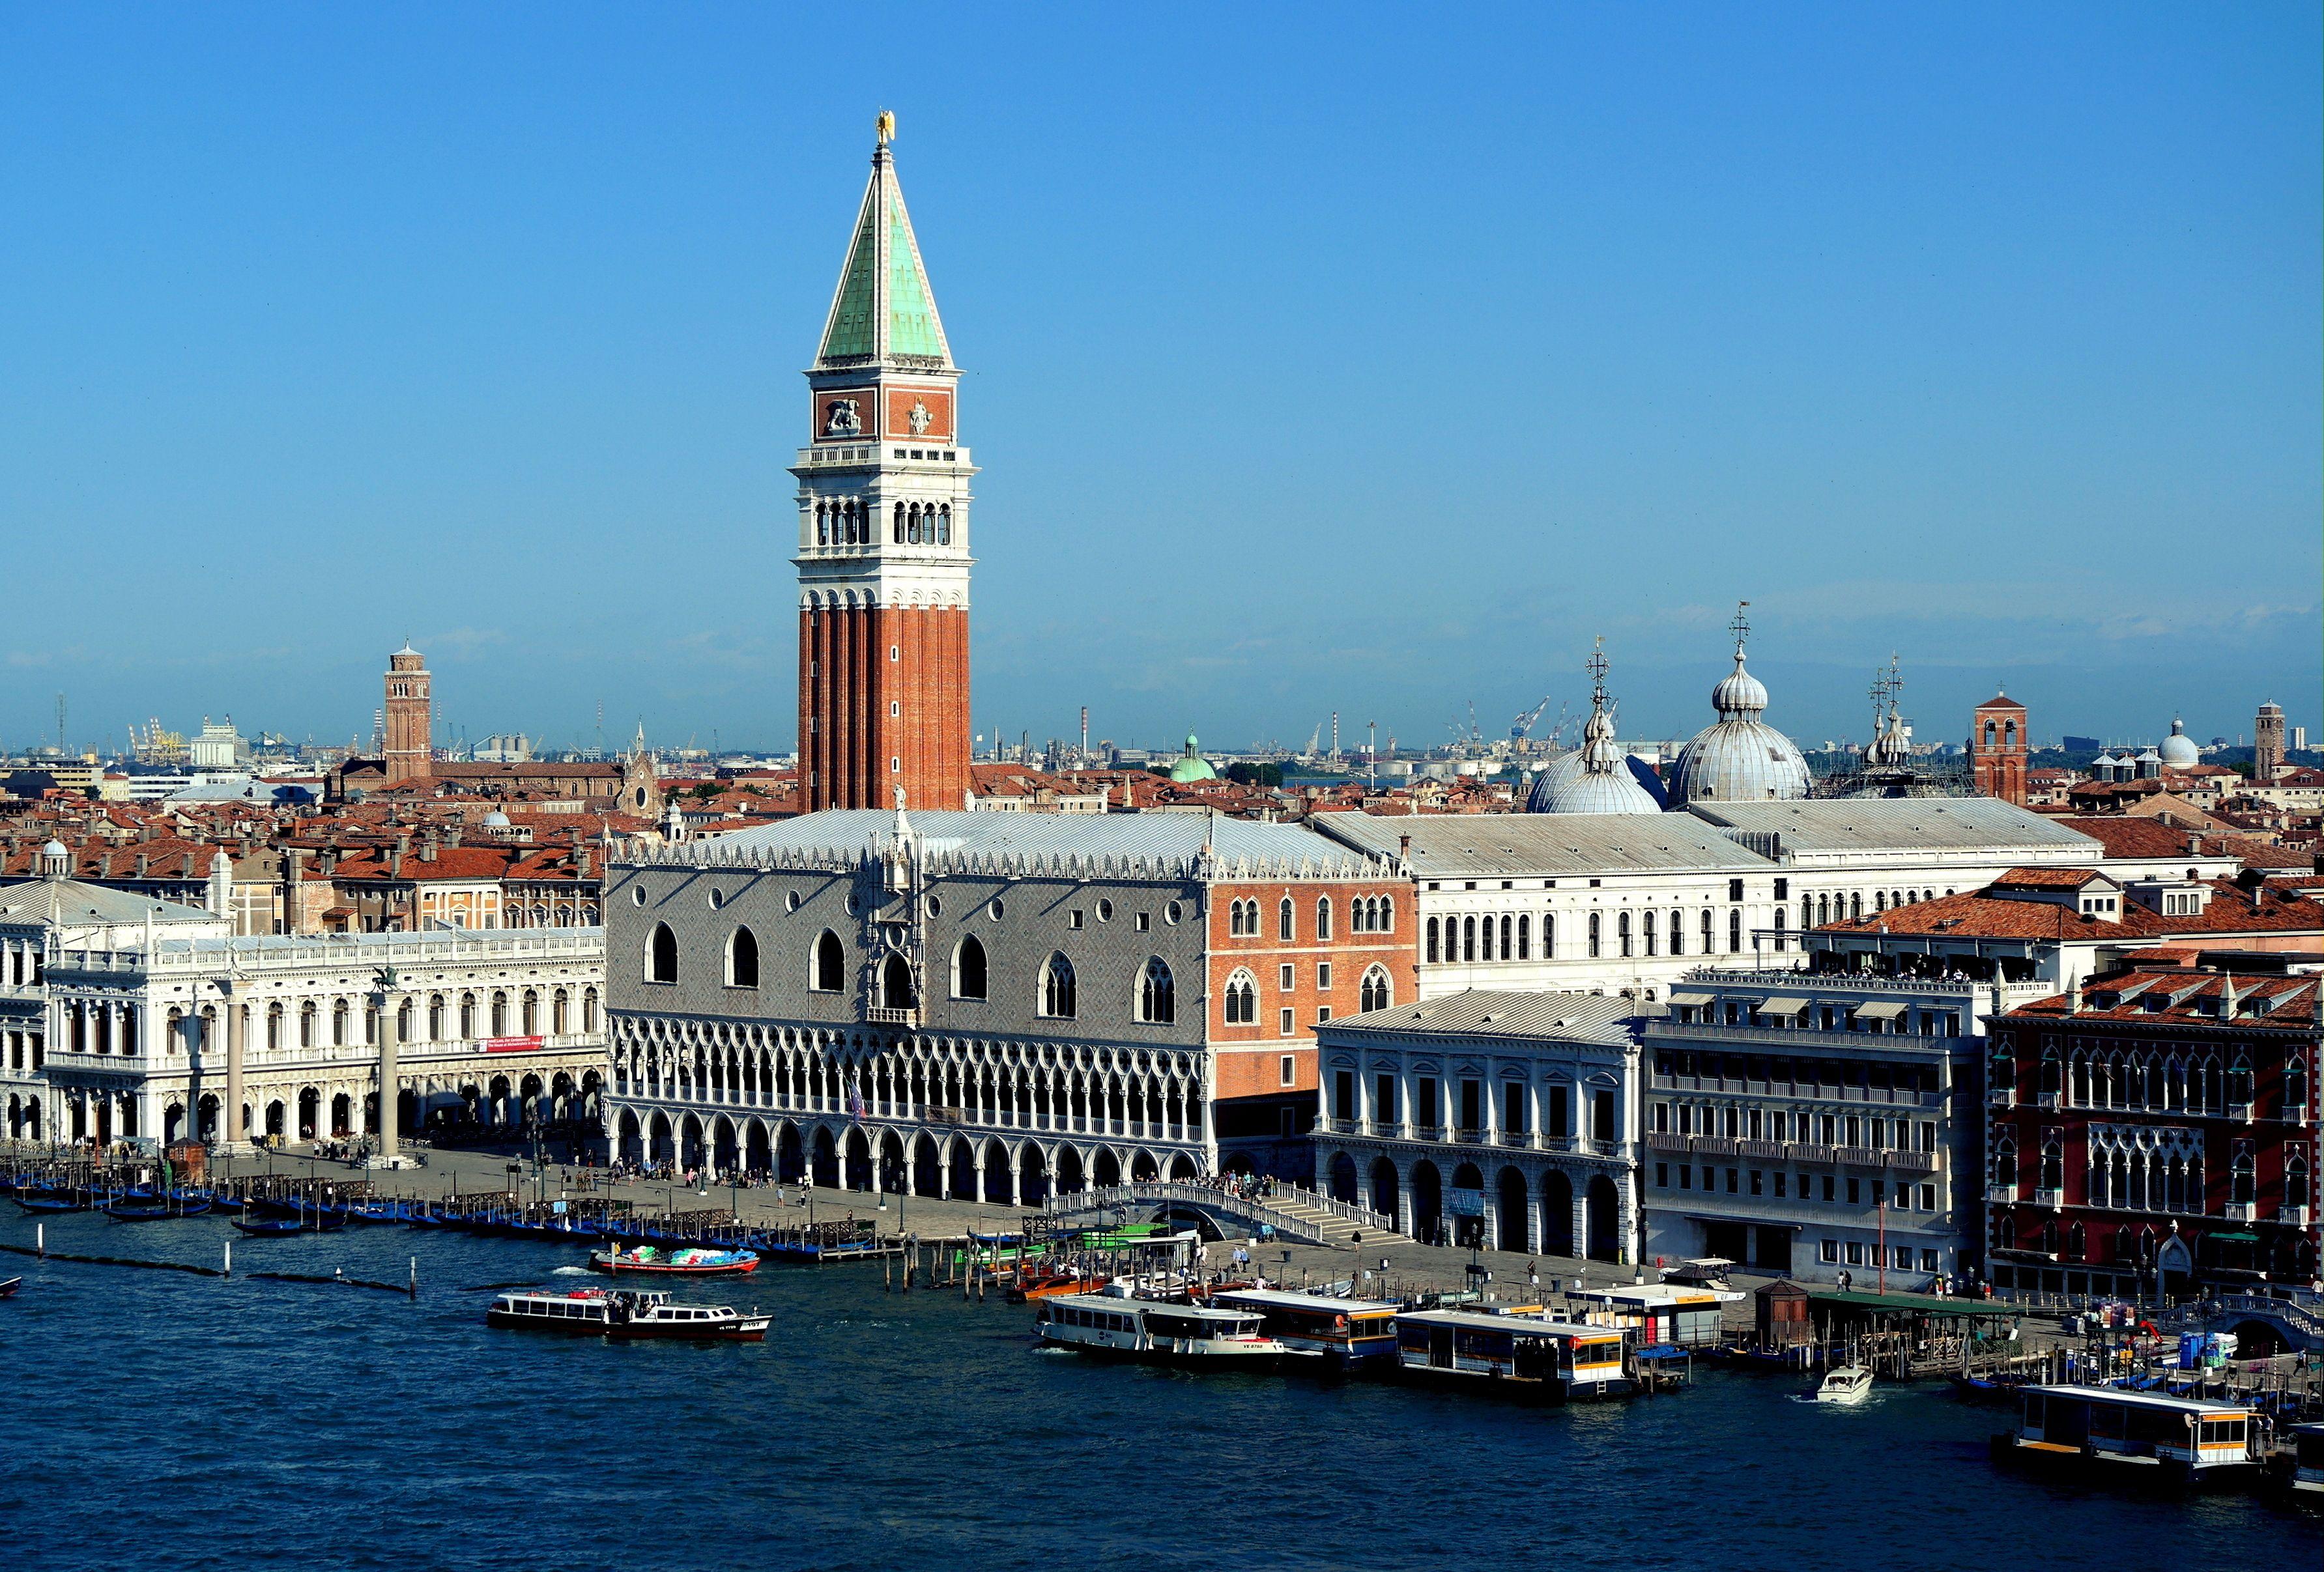 Tagesausflug nach Venedig mit dem Hochgeschwindigkeitszug ab Rom